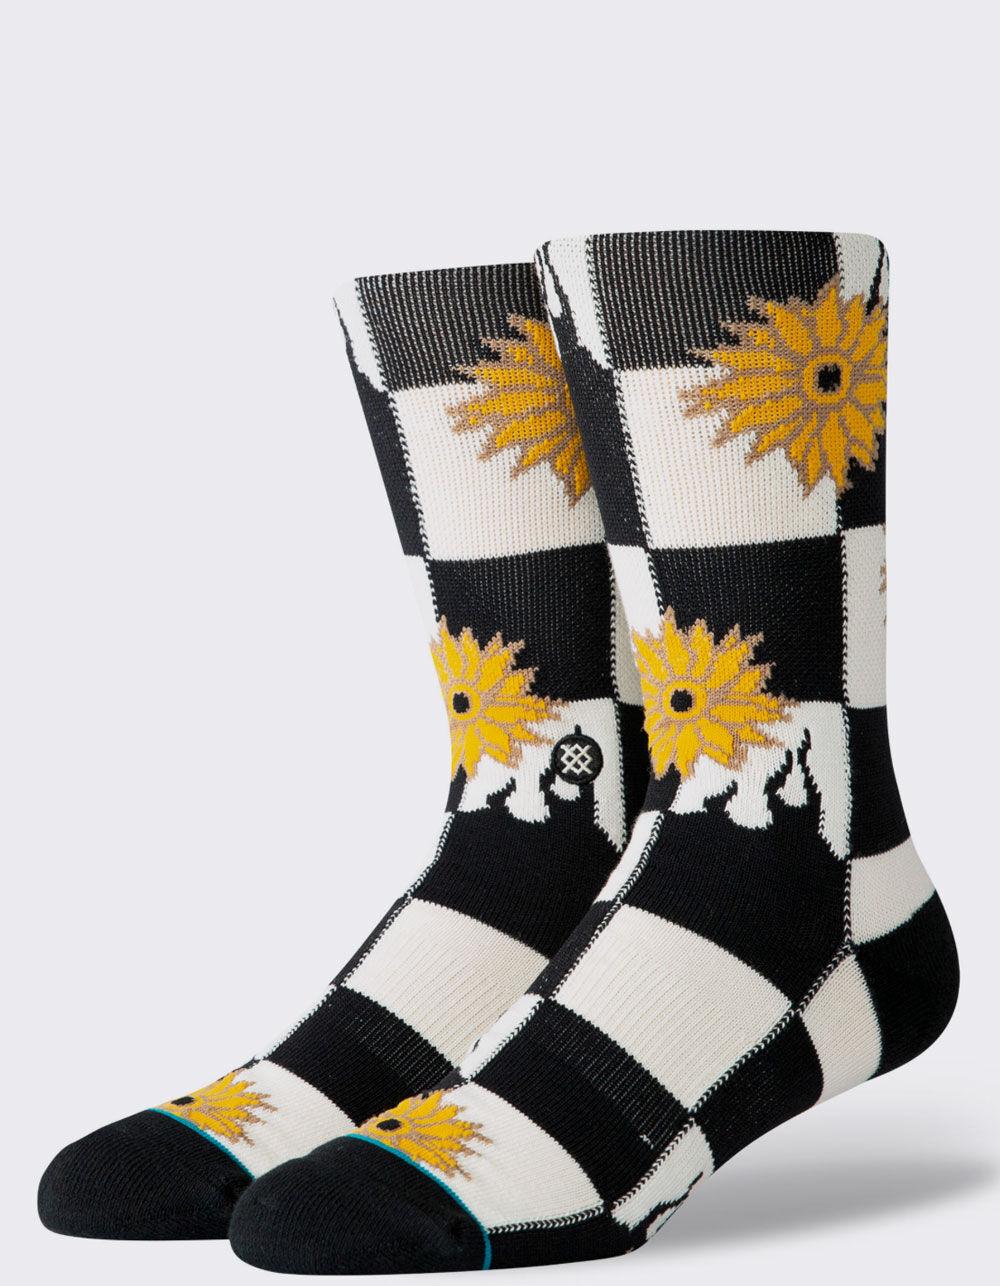 STANCE Sunblaze Crew Socks